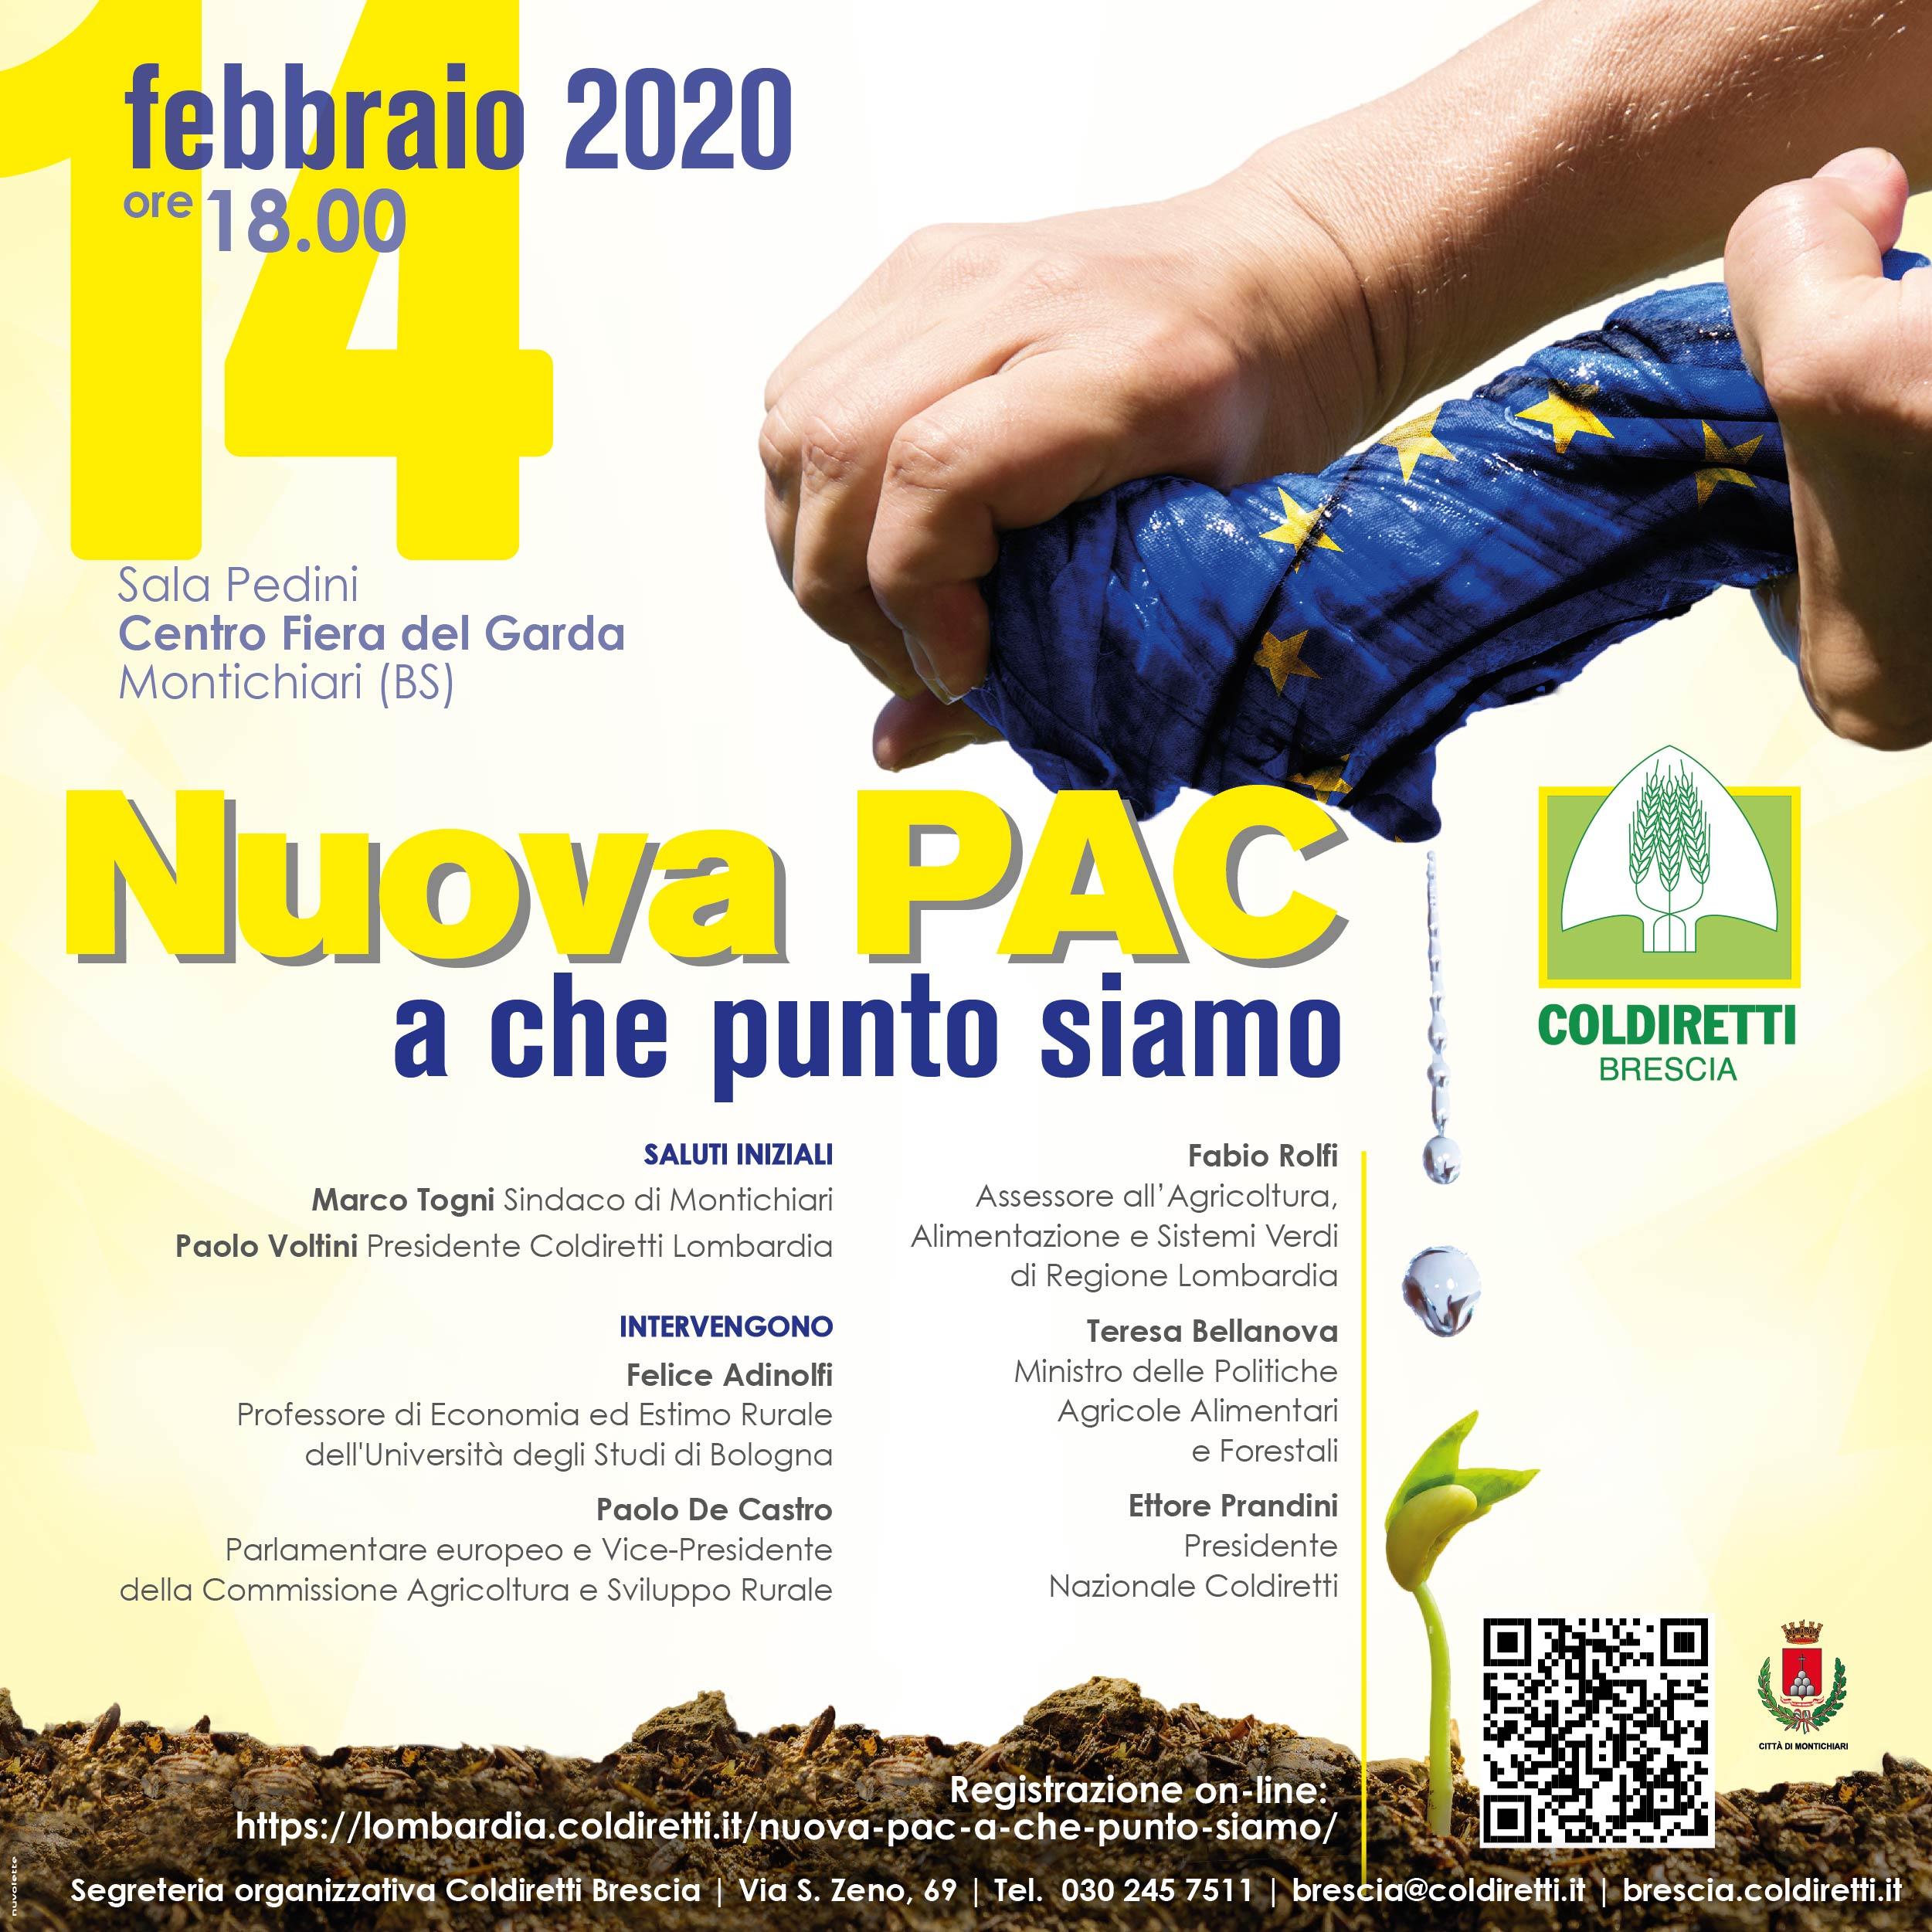 14 febbraio: Nuova PAC a che punto siamo, convegno alla FAZI di Montichiari 2020